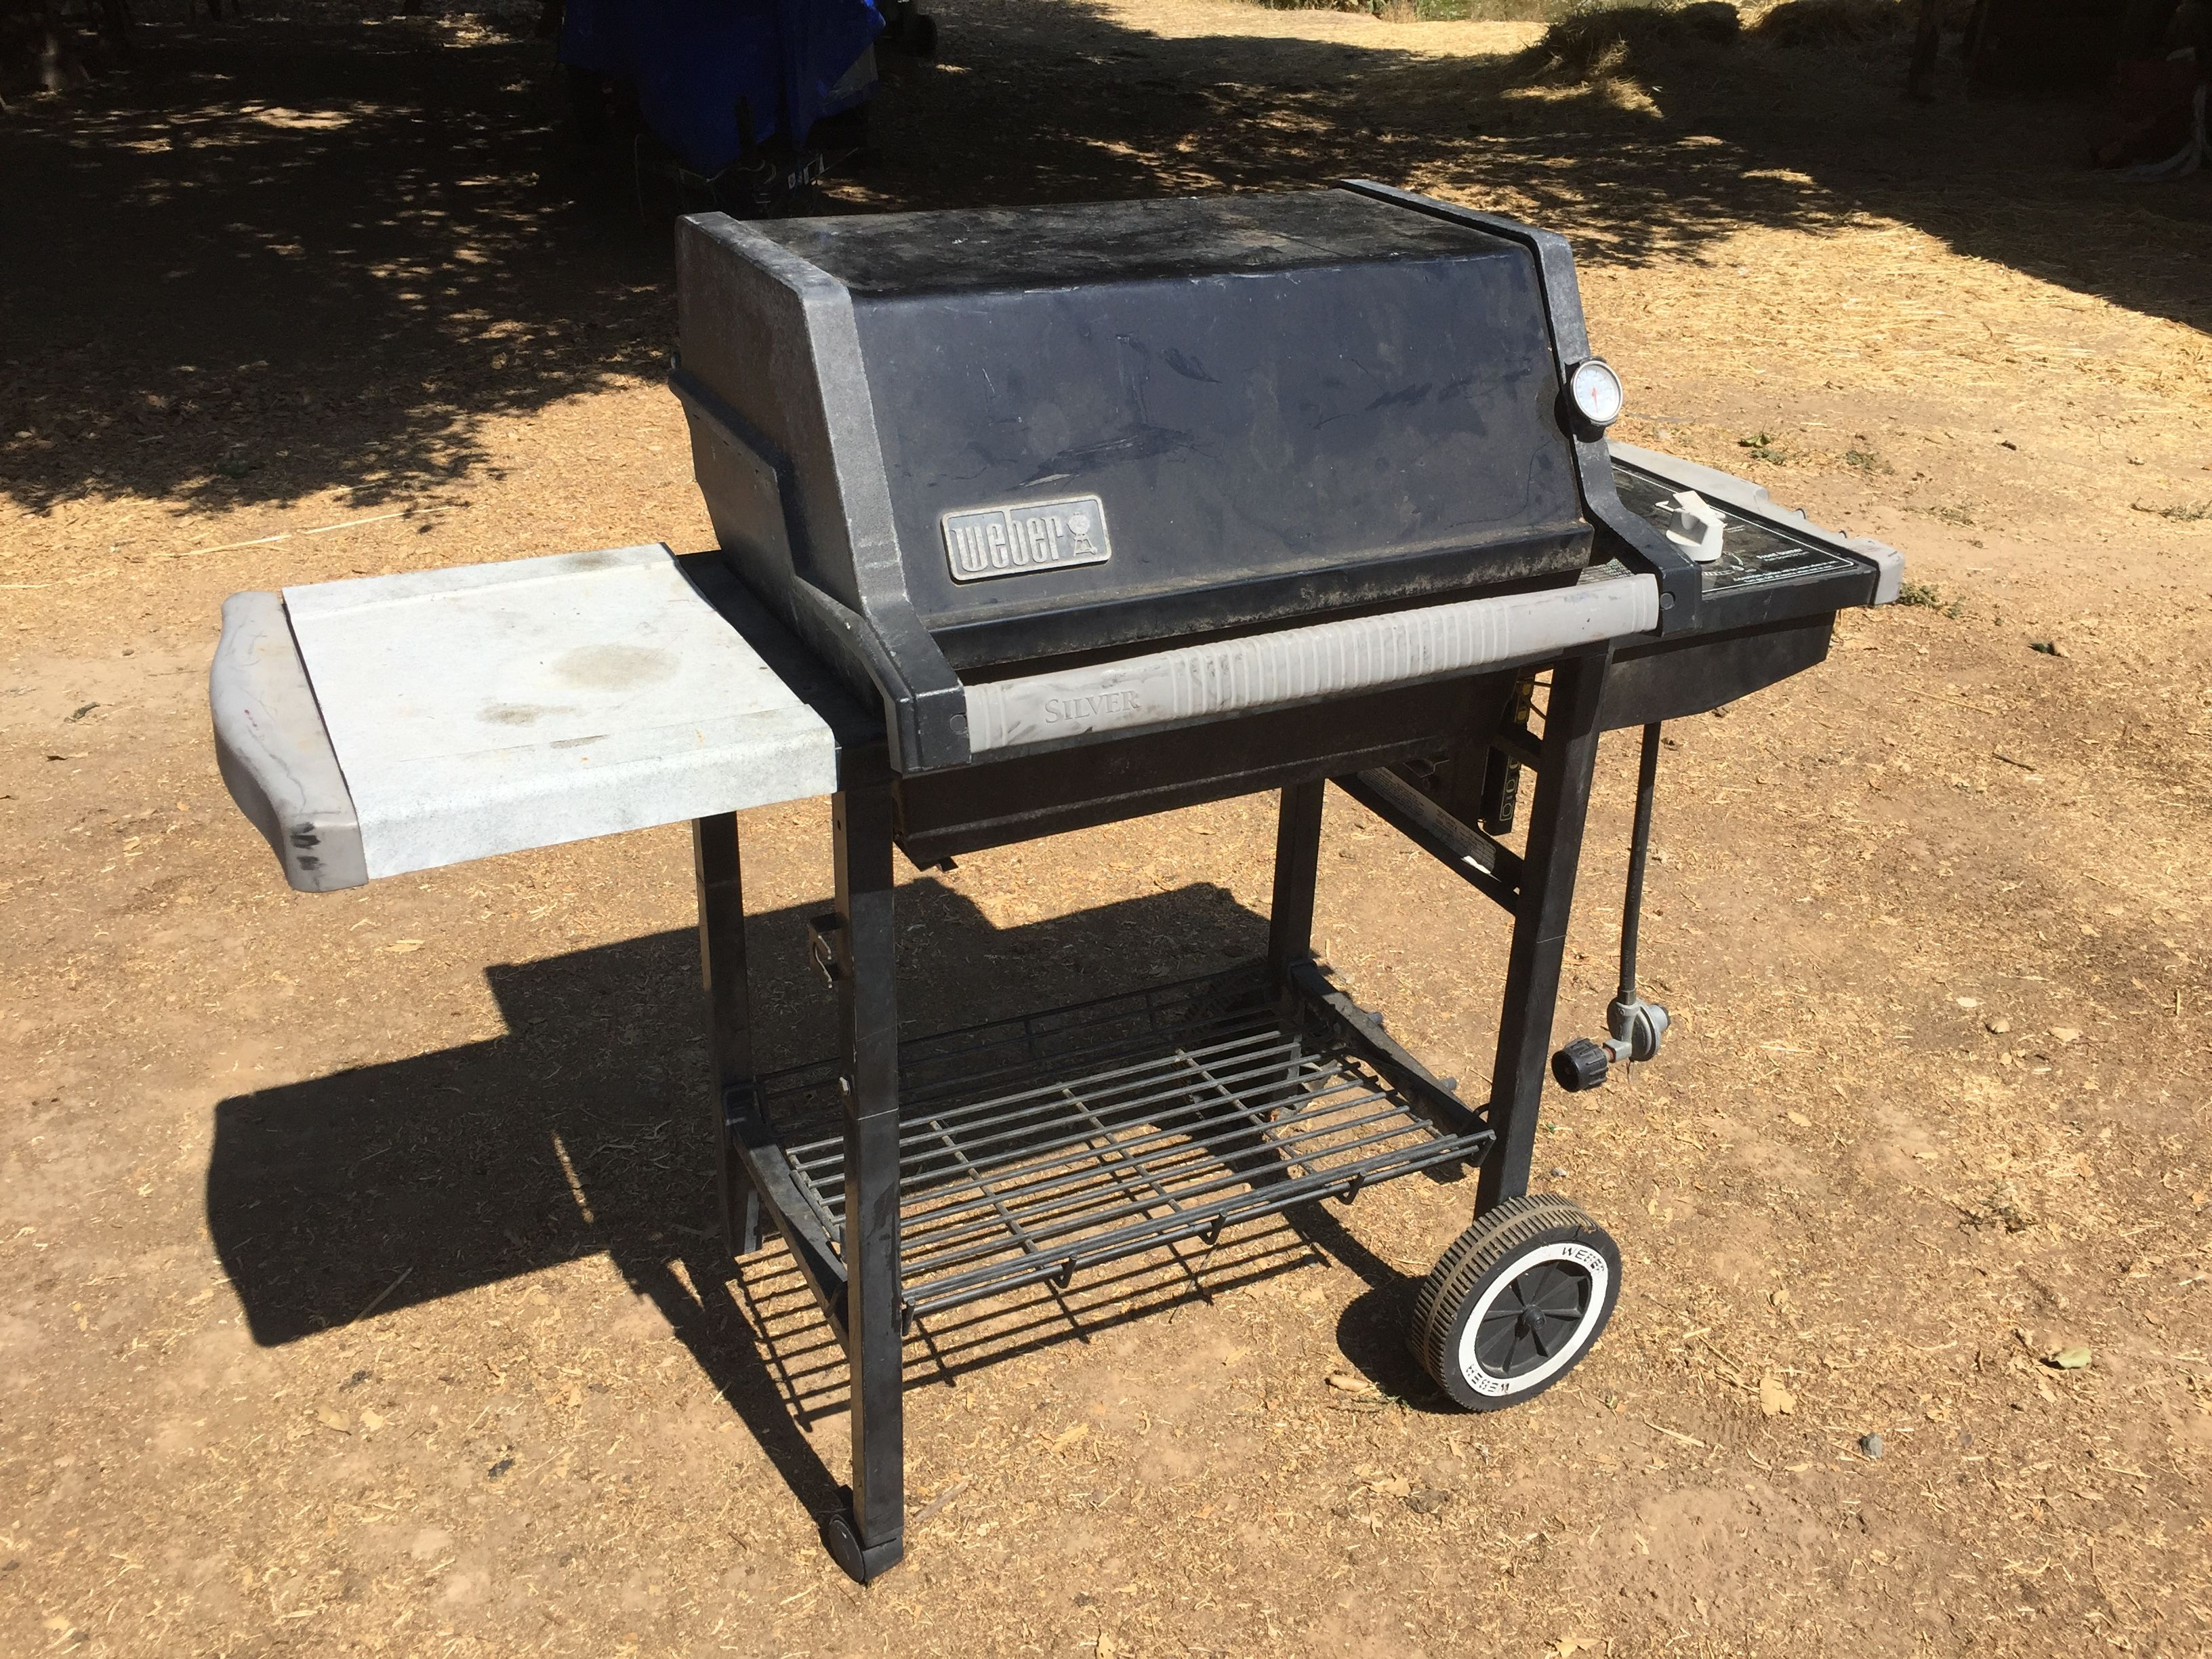 Weber Summit Outdoor Küche : Outdoor küche für weber grill outdoorküche gemauert mit einbau